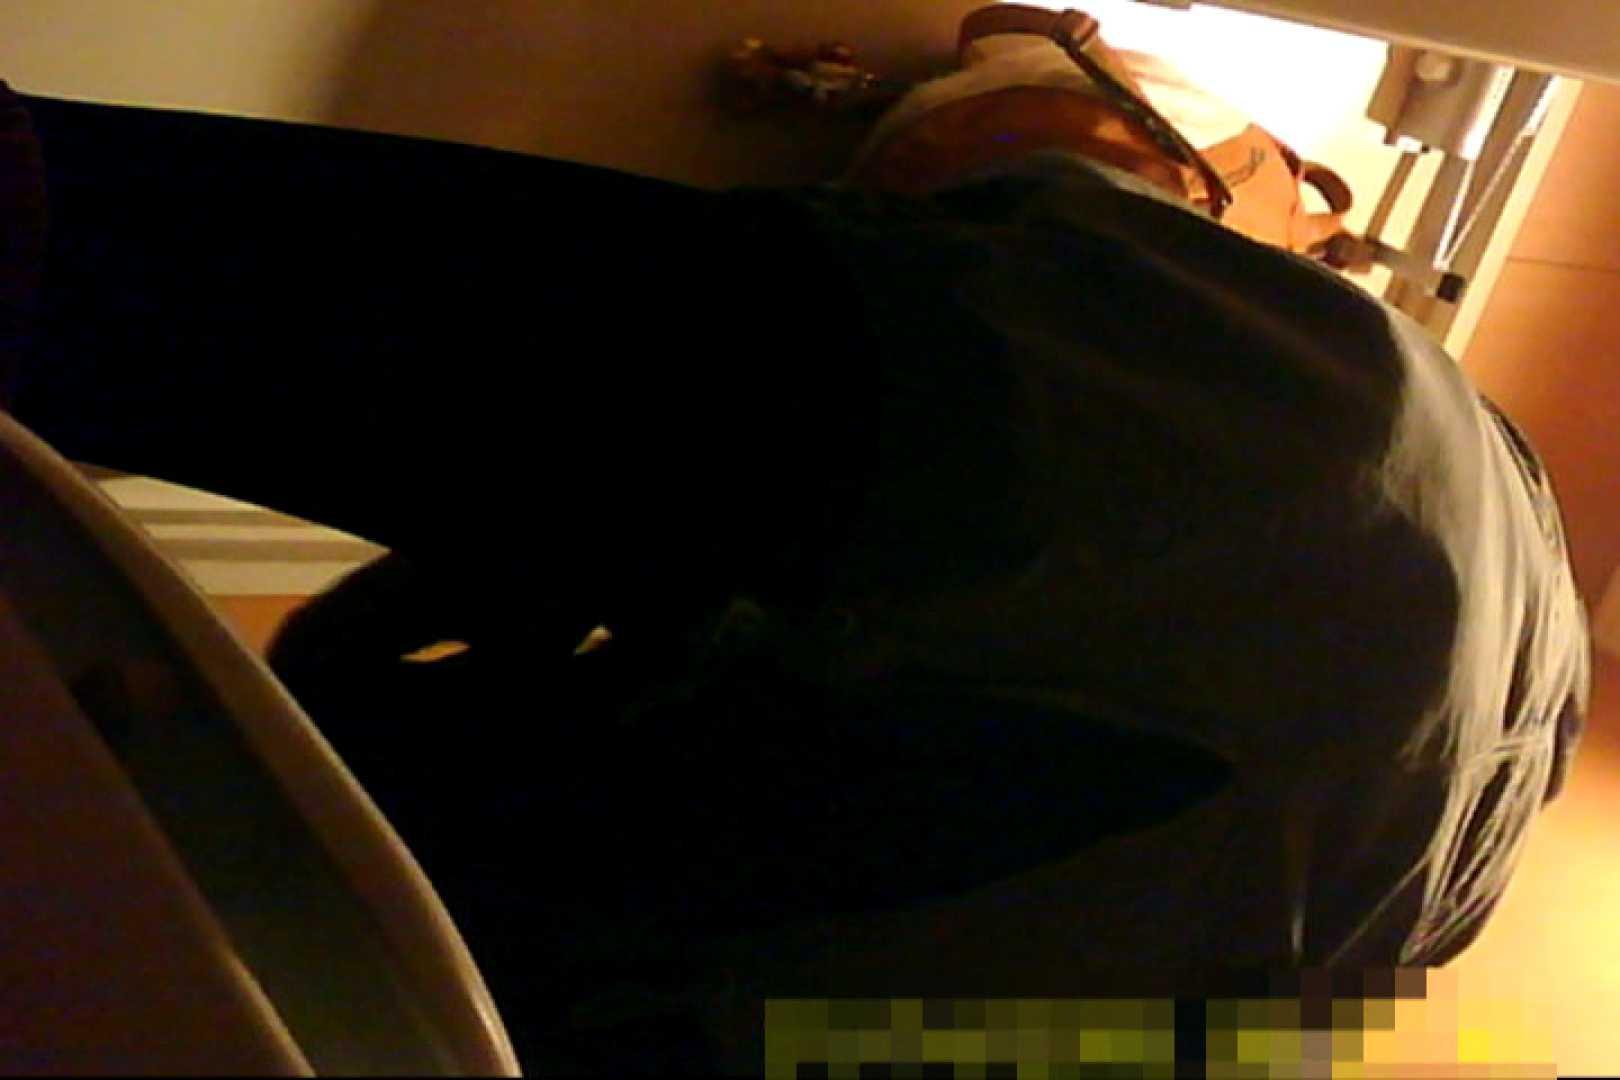 魅惑の化粧室~禁断のプライベート空間~15 ナプキン エロ画像 80pic 63